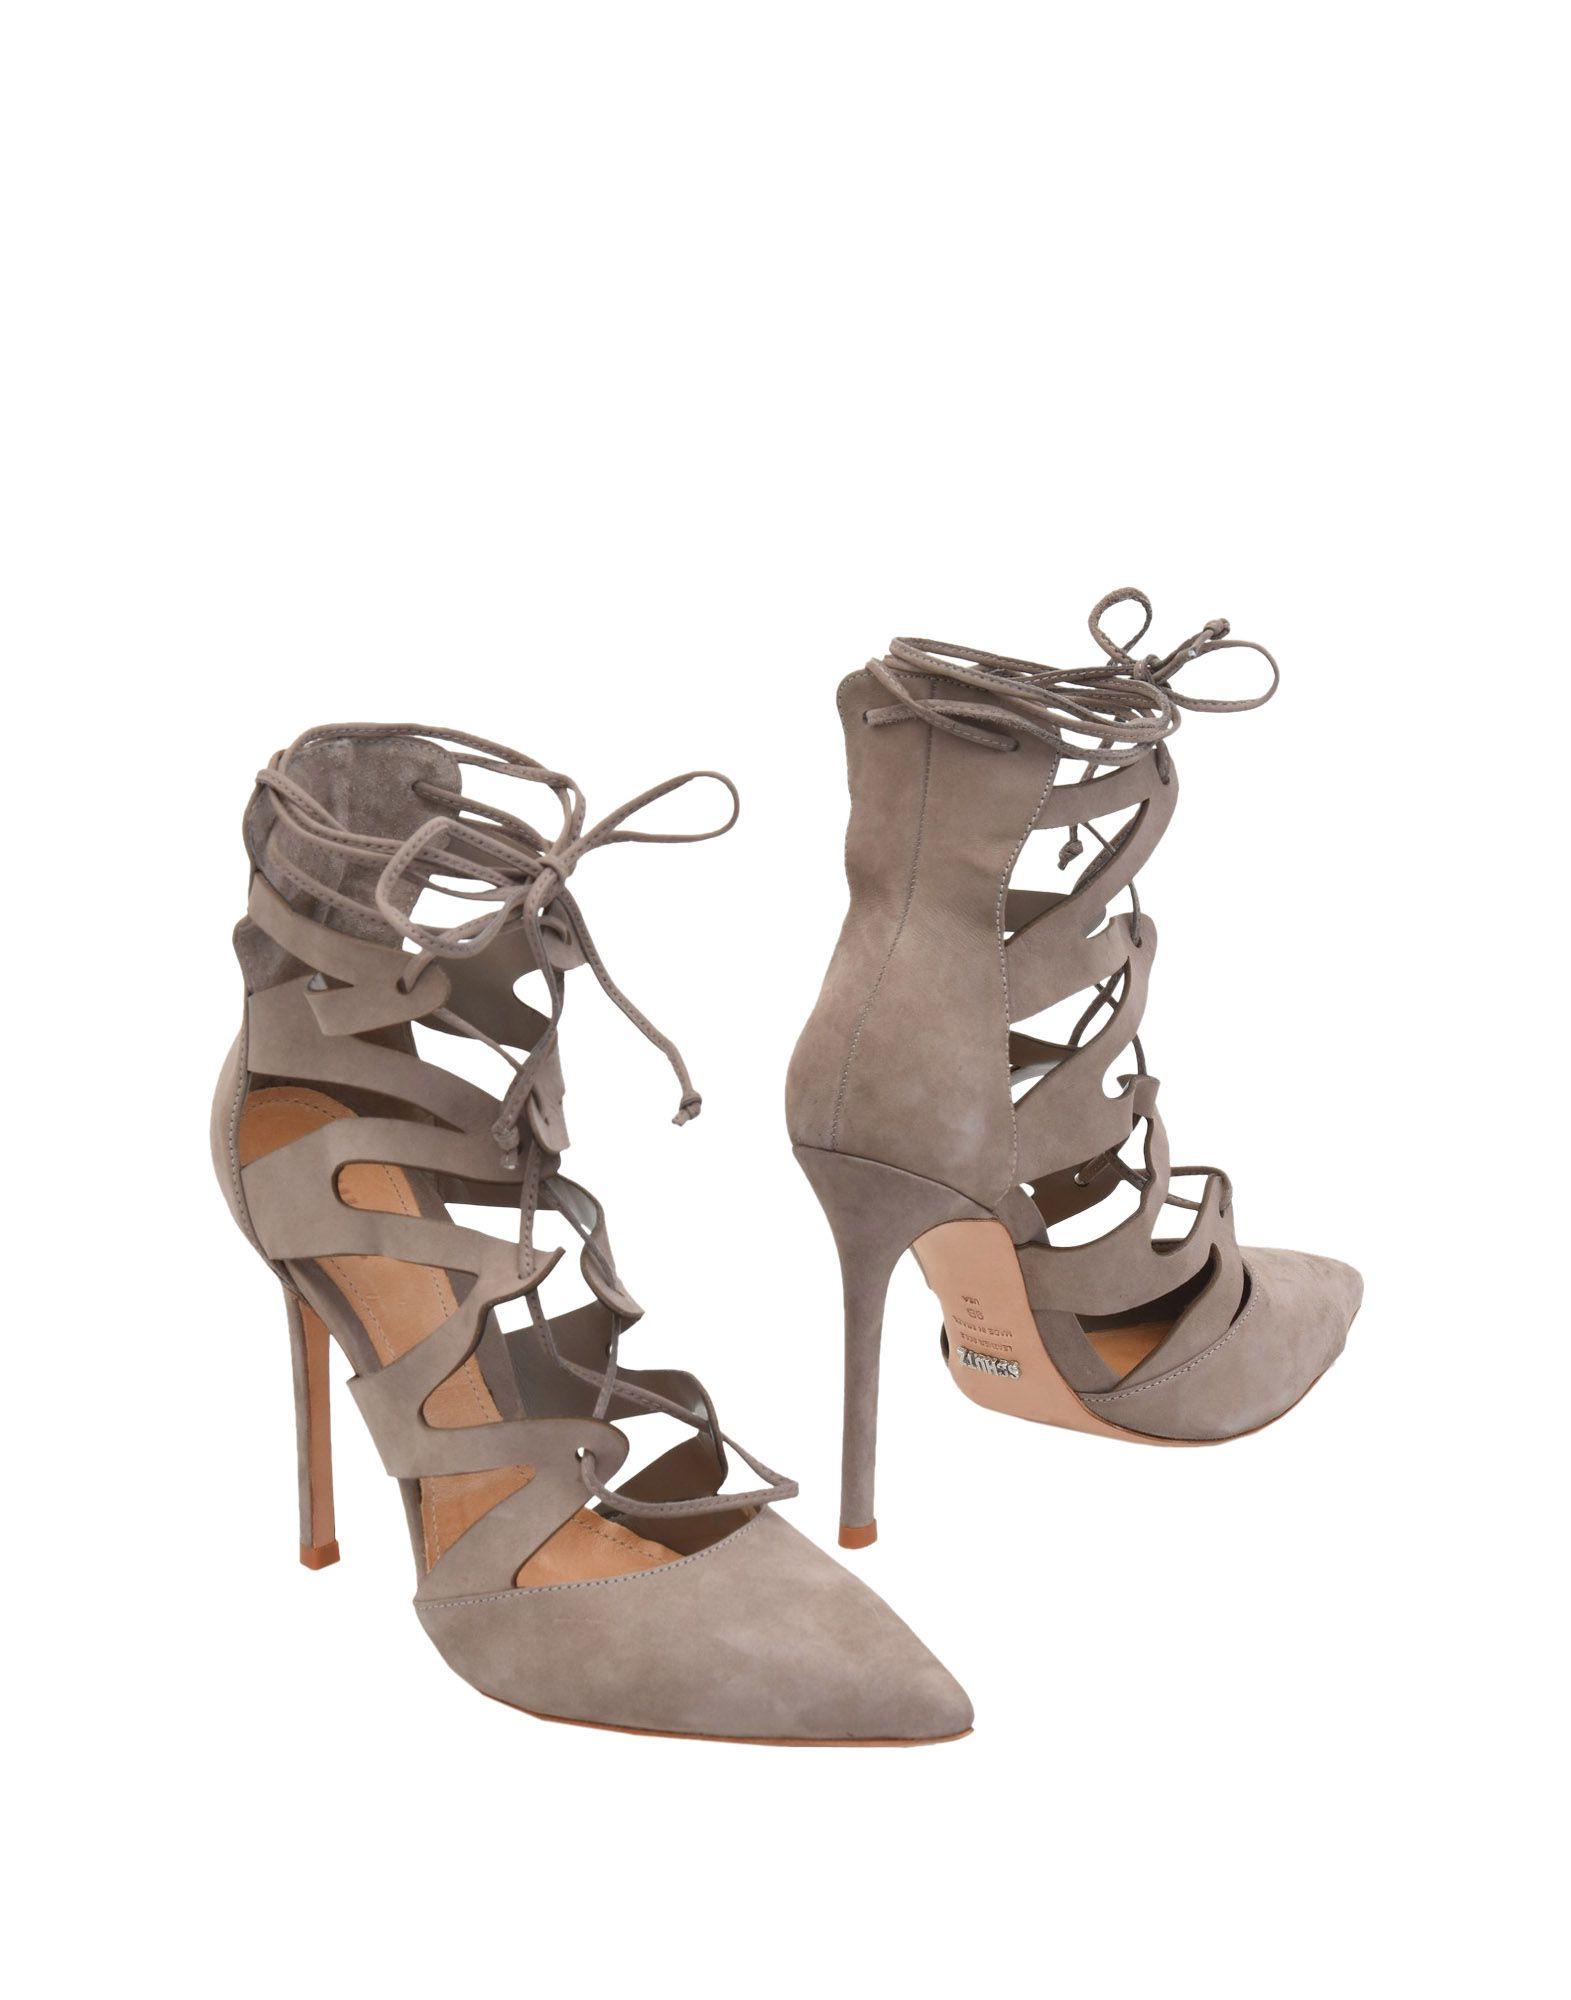 Schutz Schutz Ankle Boot - Women Schutz Schutz Ankle Boots online on  Australia - 11424209CF 8bcb6c